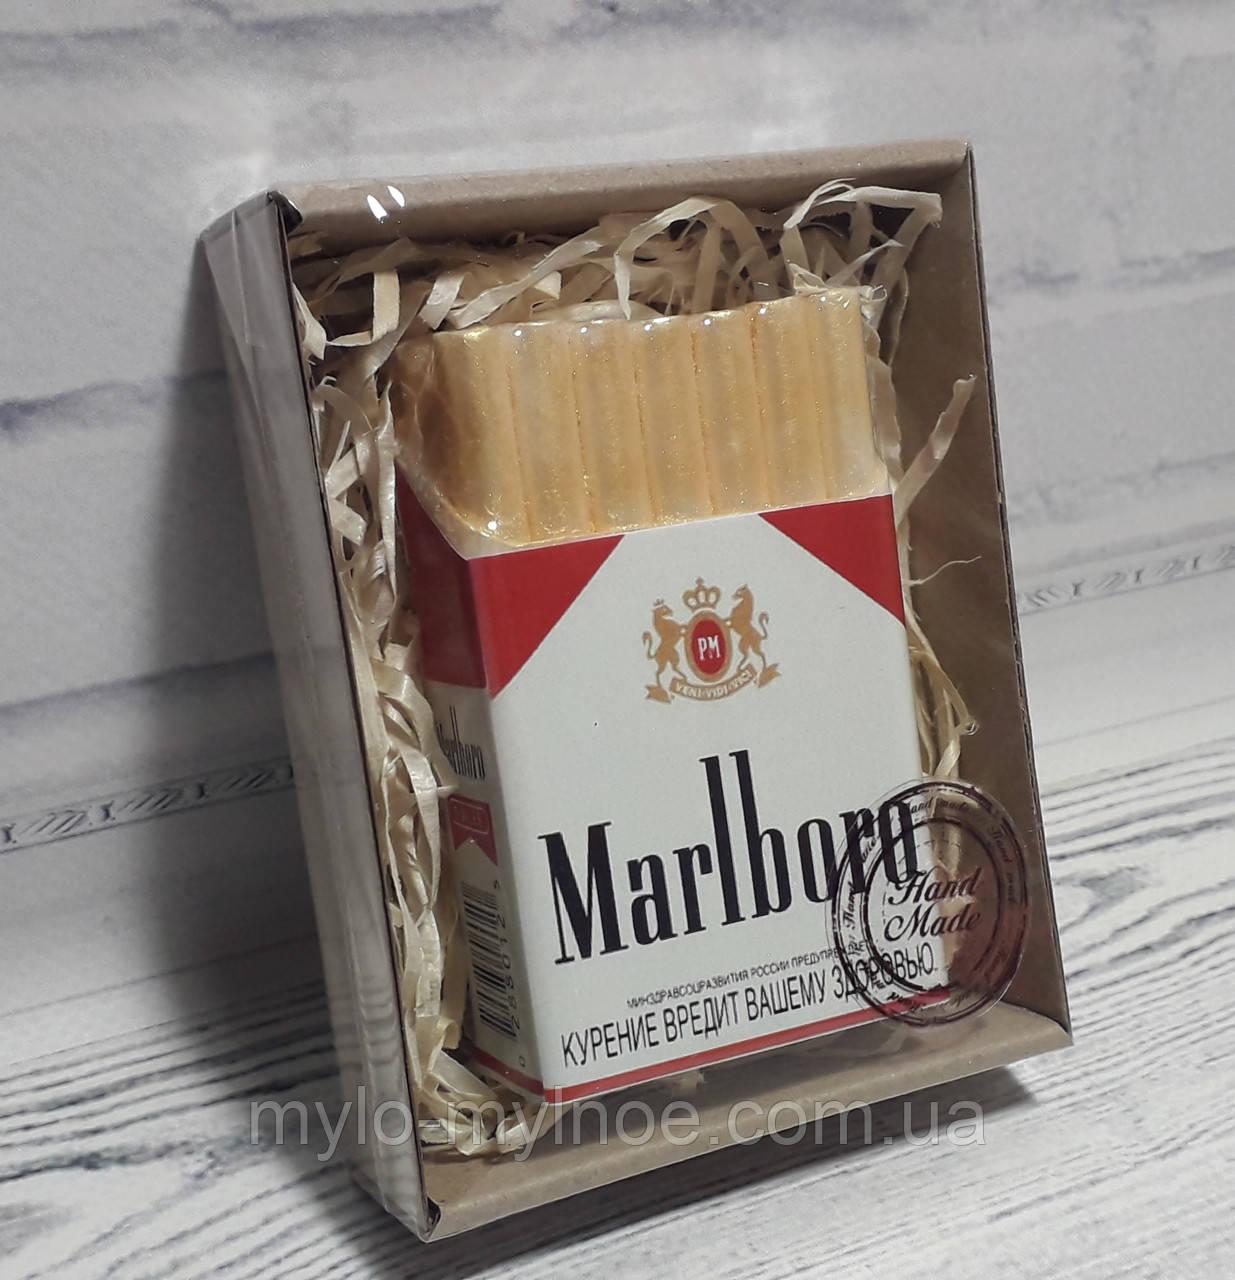 Сигареты ручной работы купить где продают одноразовую электронную сигарету